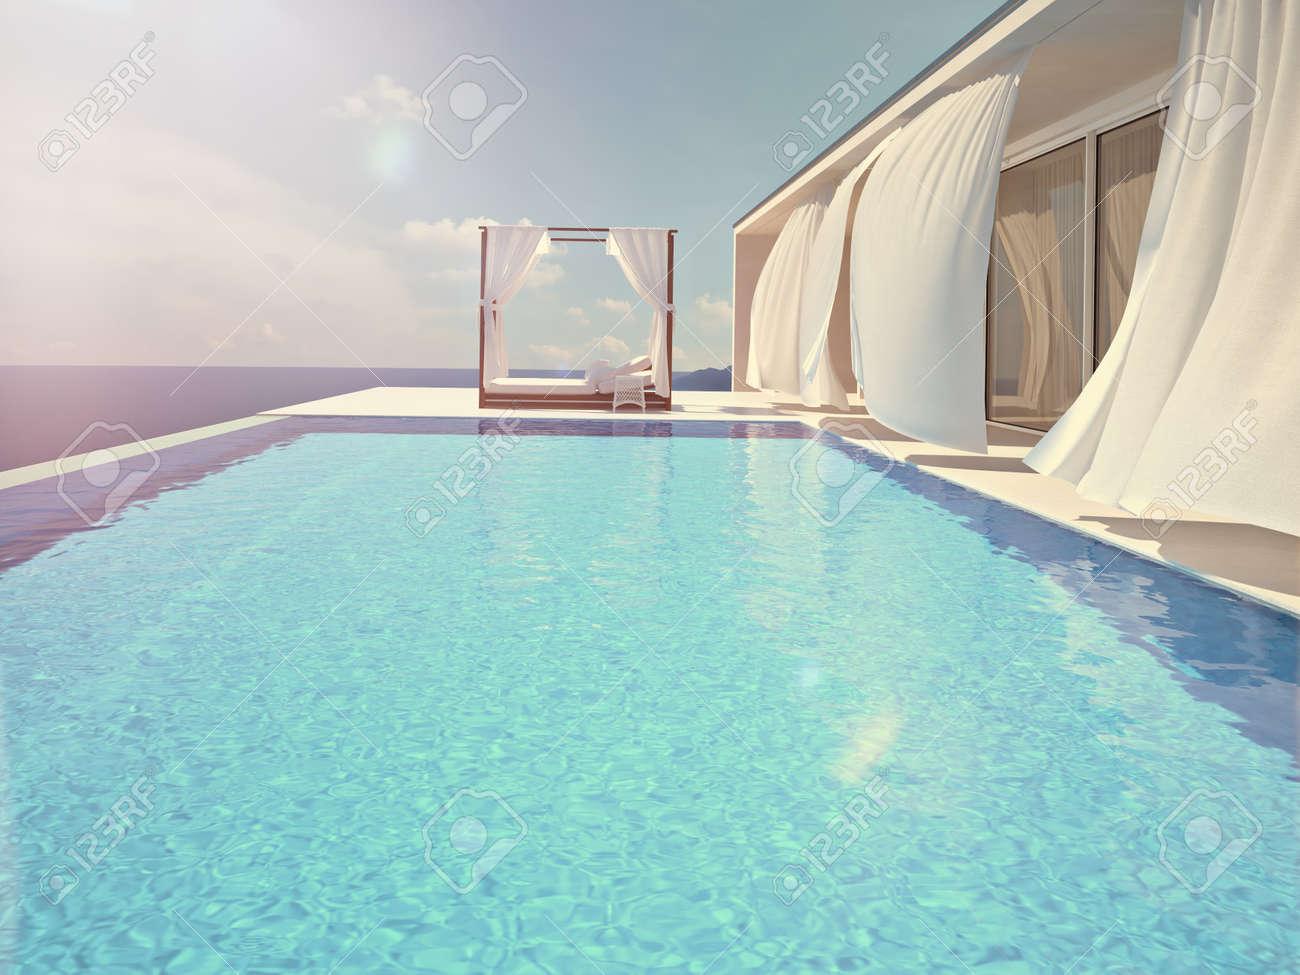 luxury swimming pool in summer. 3d rendering - 59062718